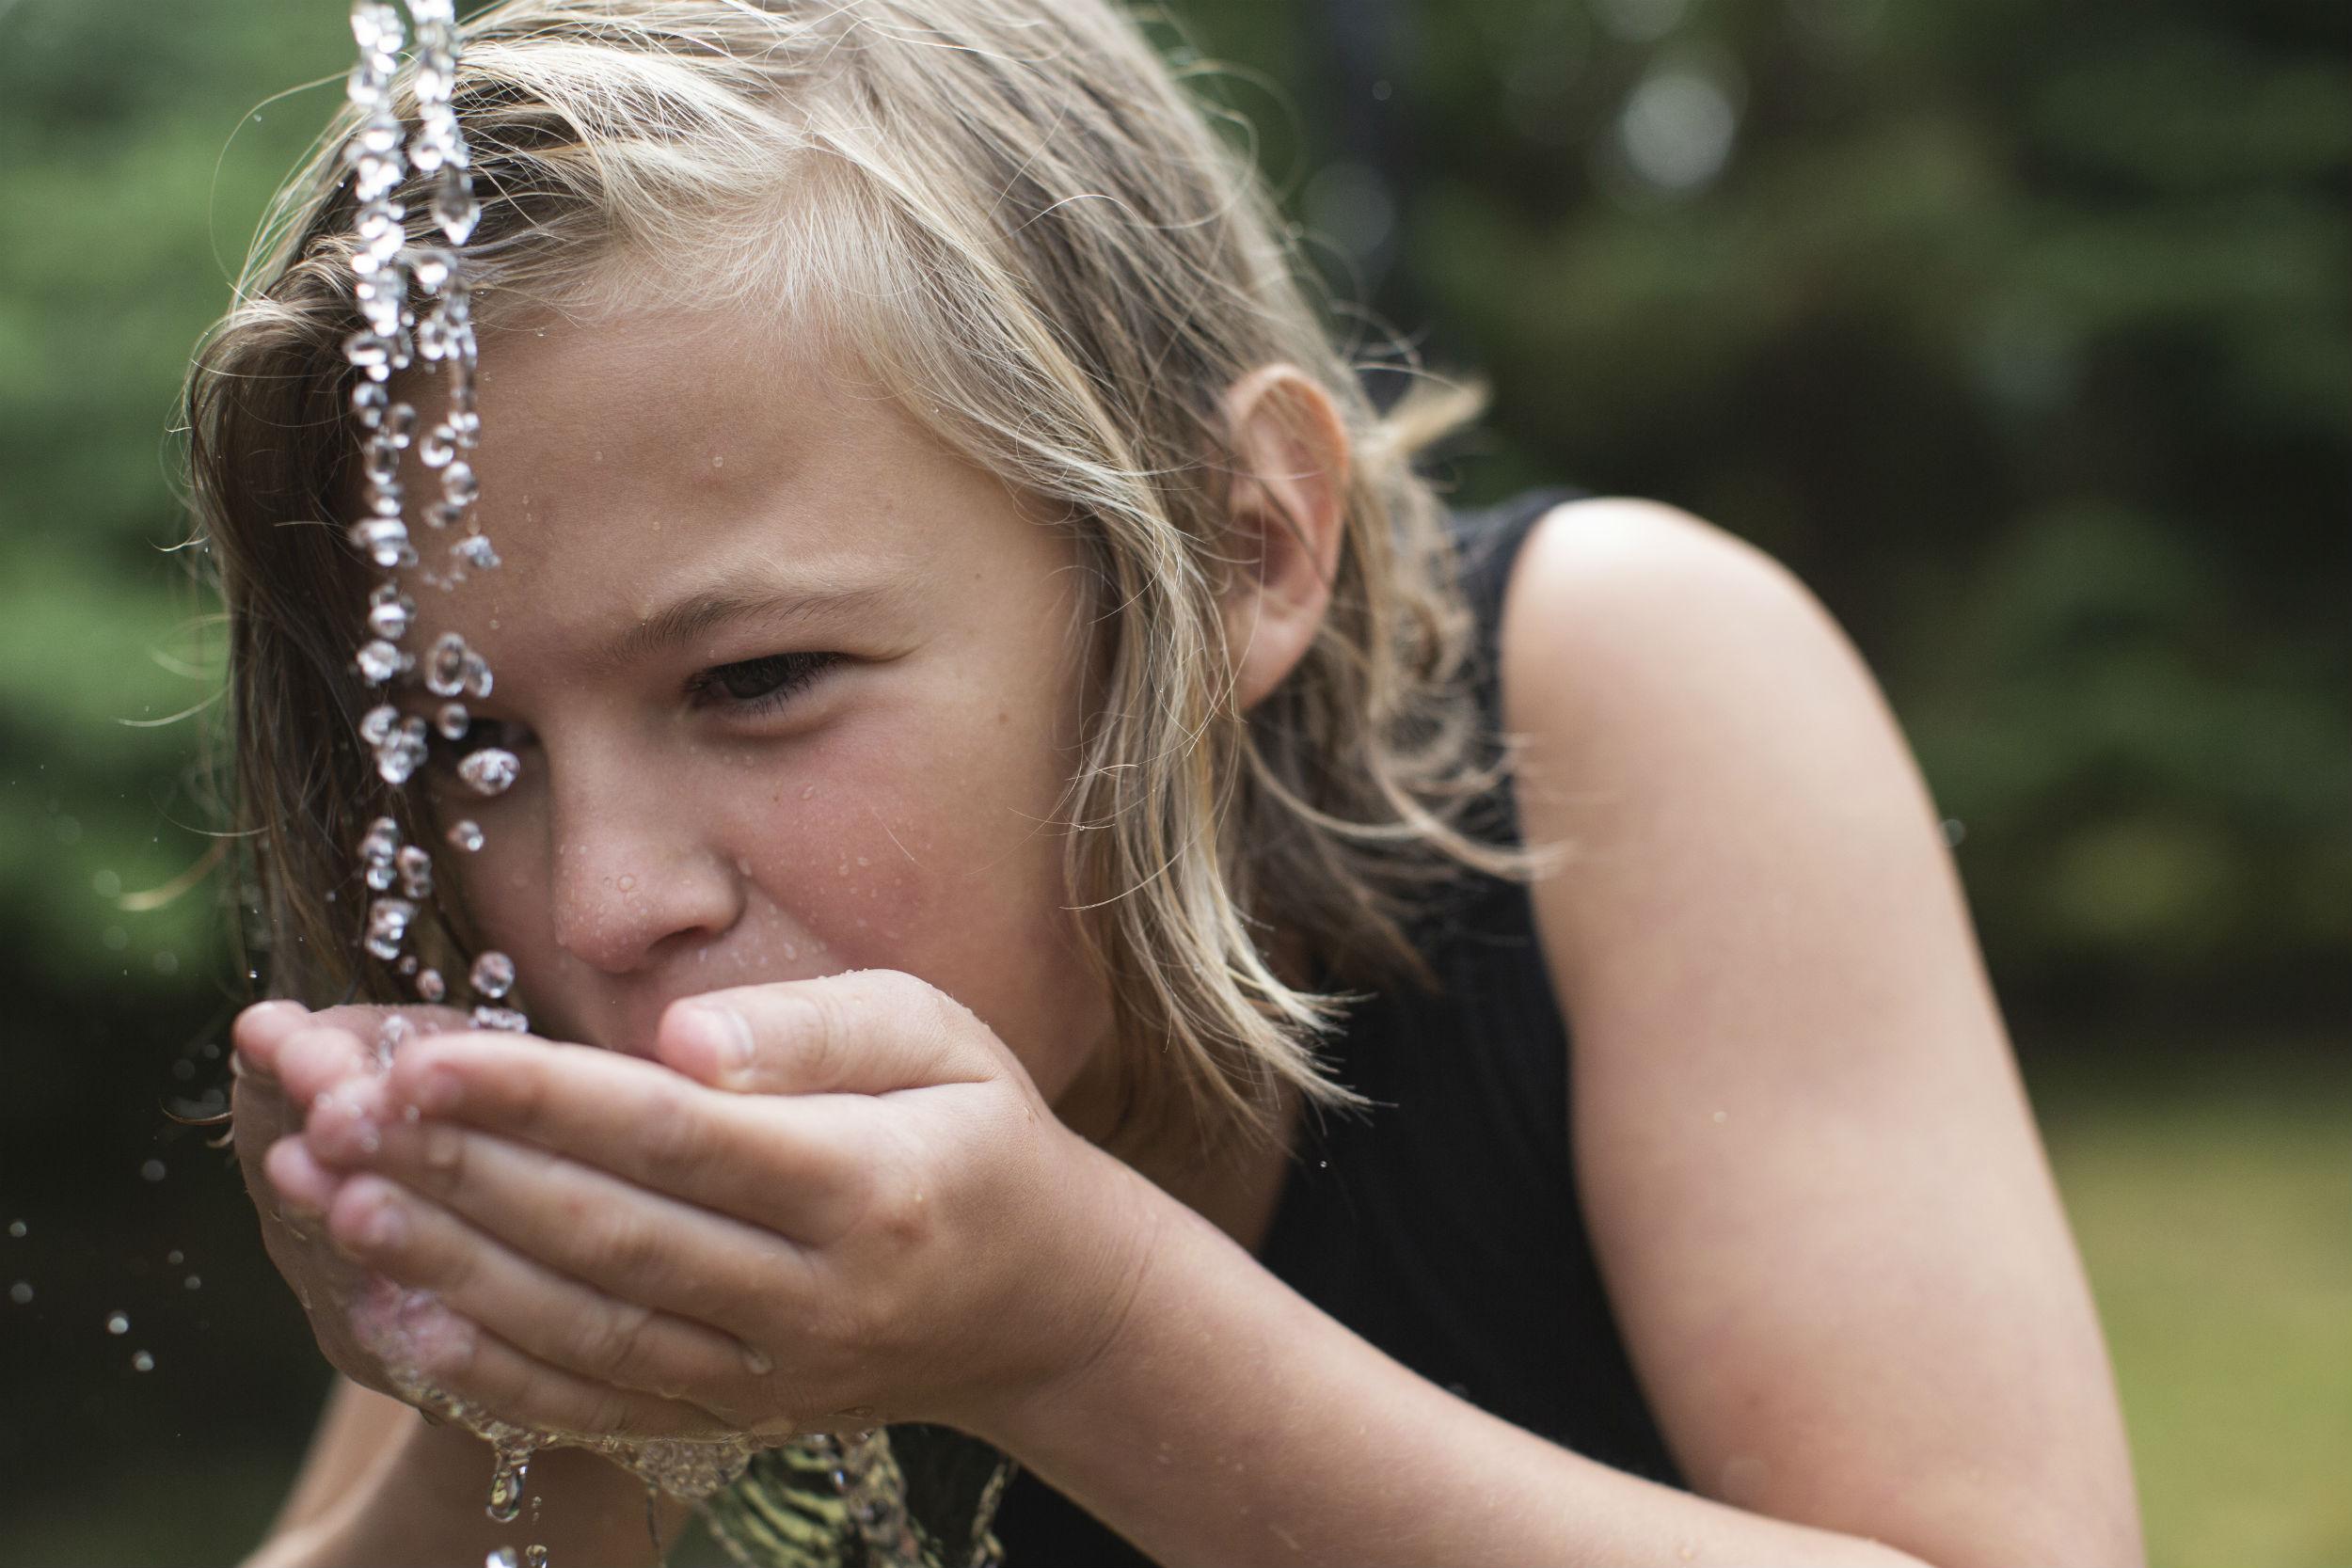 Rester af lovlige svampegifte i over halvdelen af nye grundvandsprøver